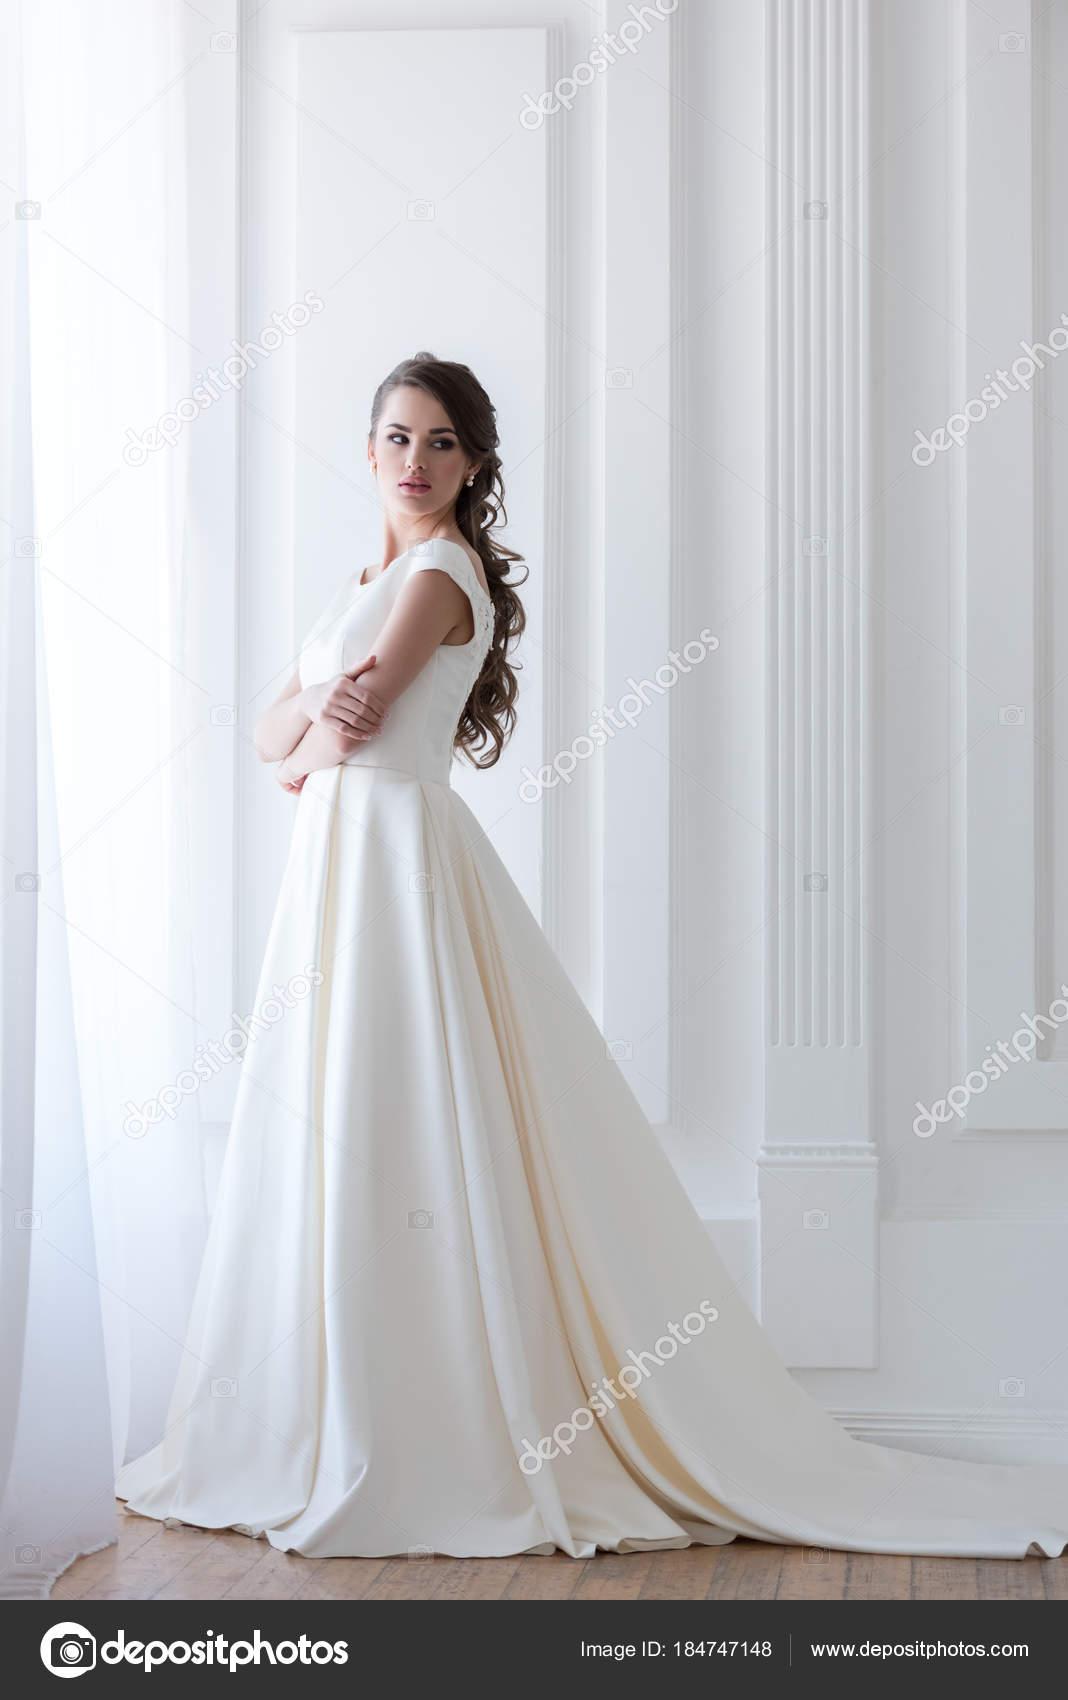 b46fc4eeeaa92a7 Прекрасный элегантный невеста в белом свадебном платье — Фото автора  VitalikRadko